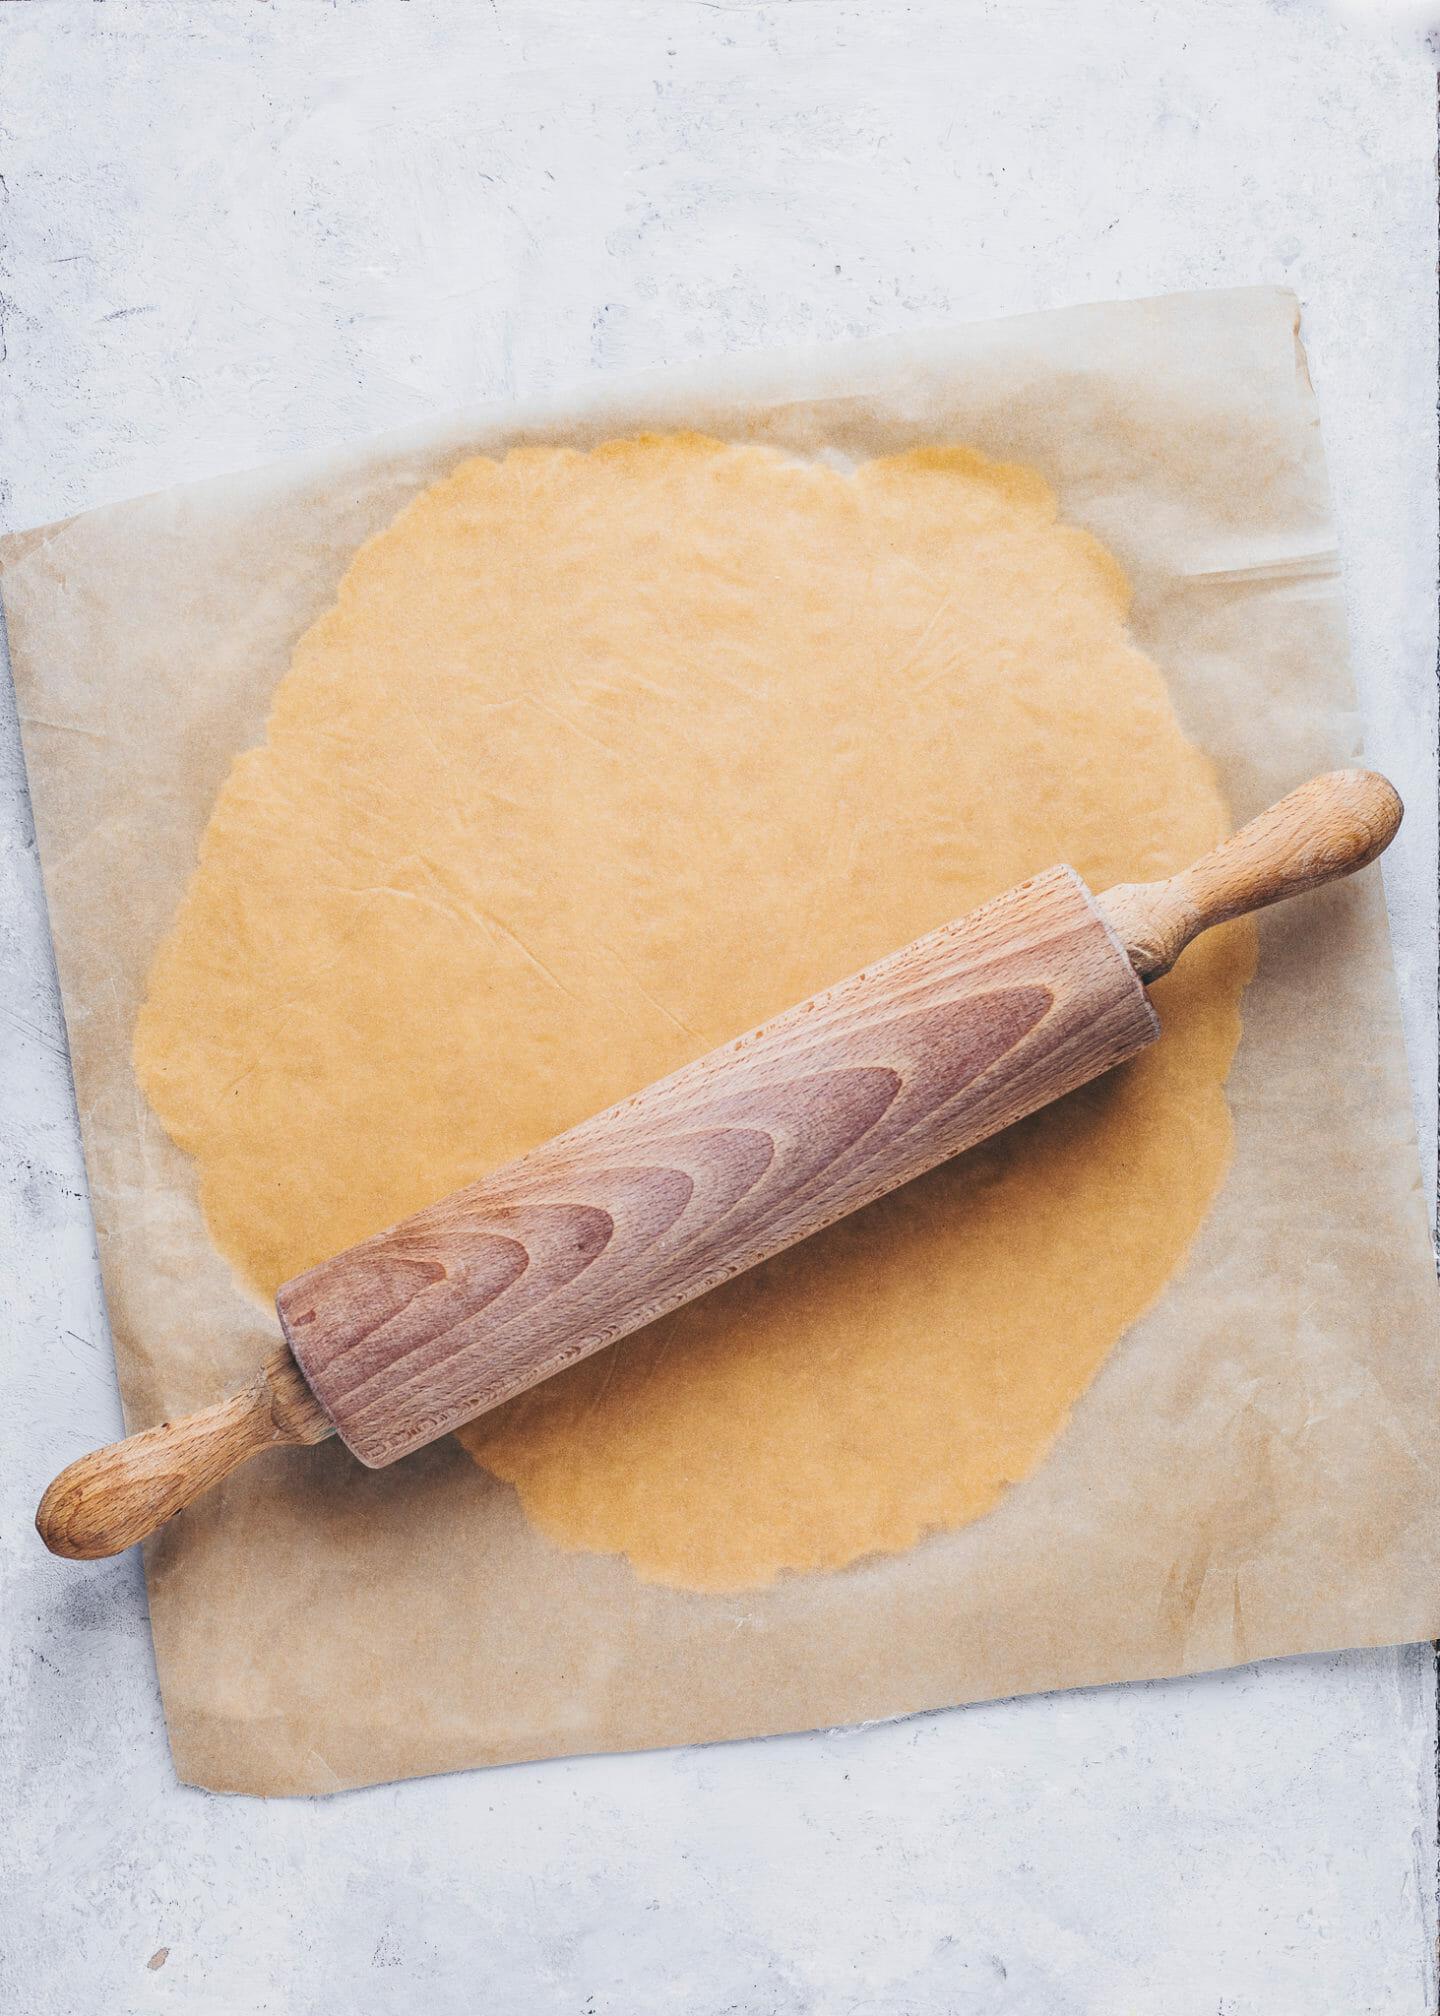 Homemade Pastry Pie Dough (Tart Crust)